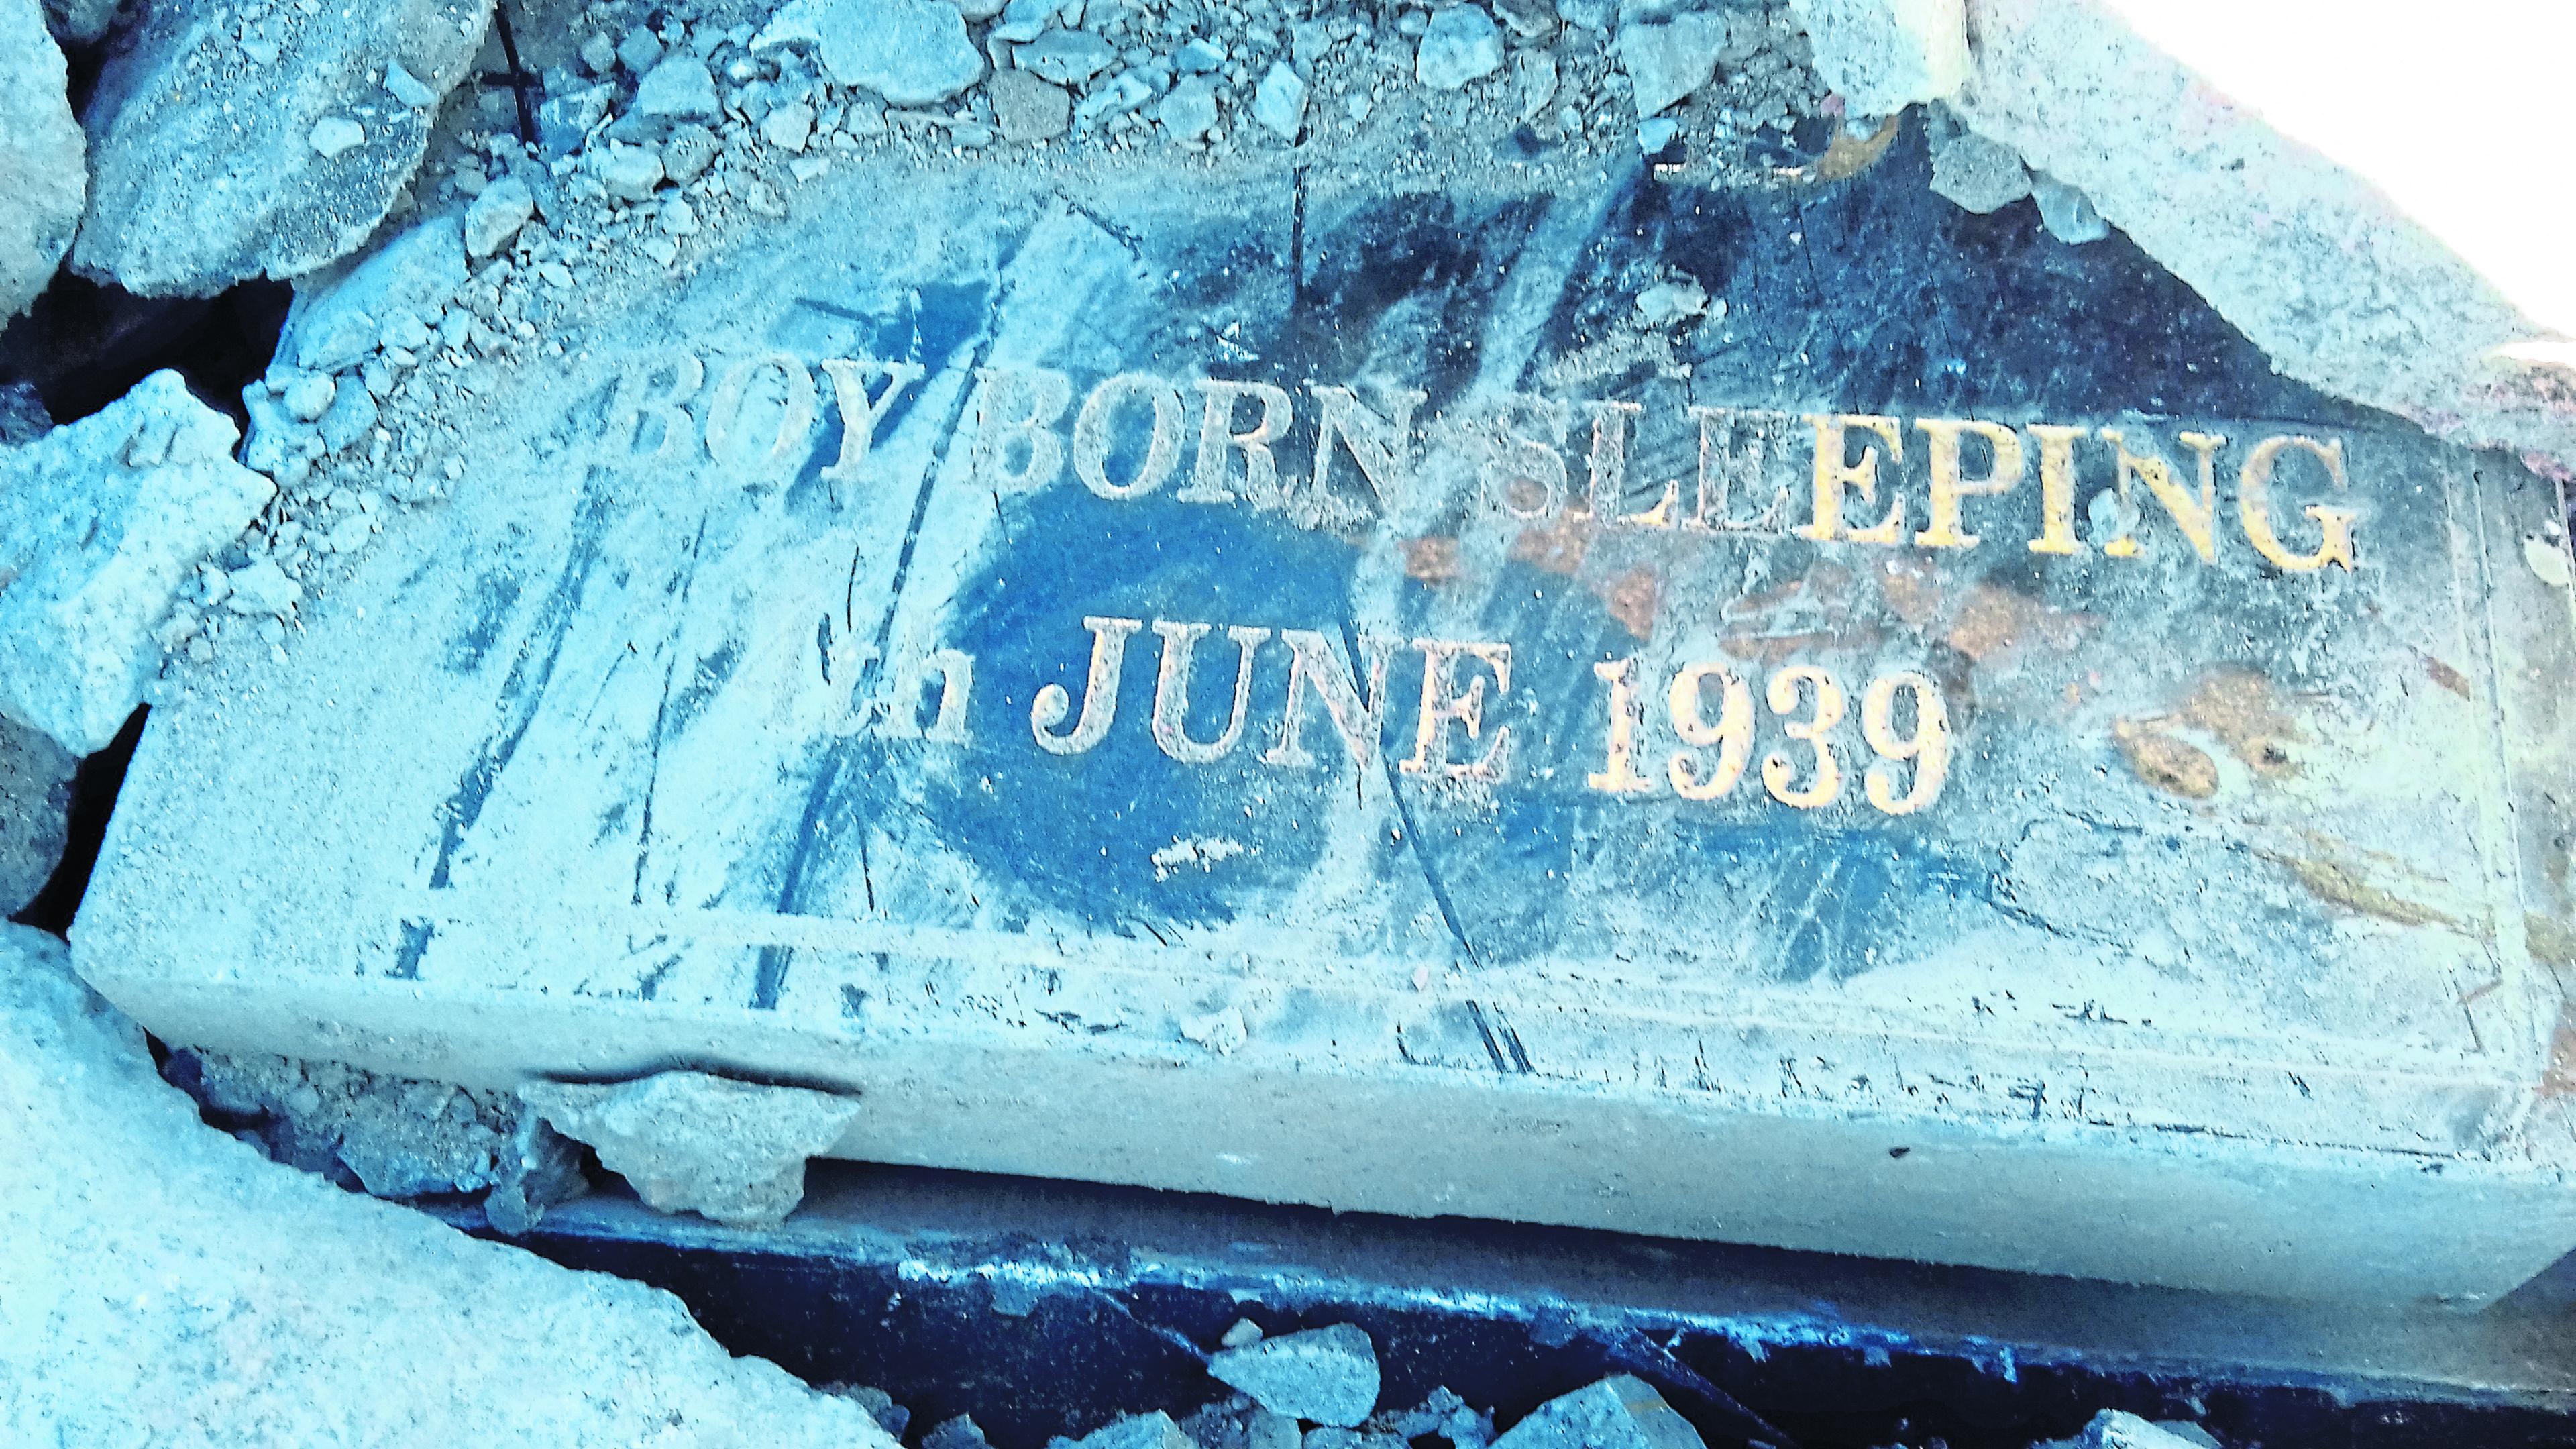 Gravestones have been used as rubble at Peterhead Caravan Park.